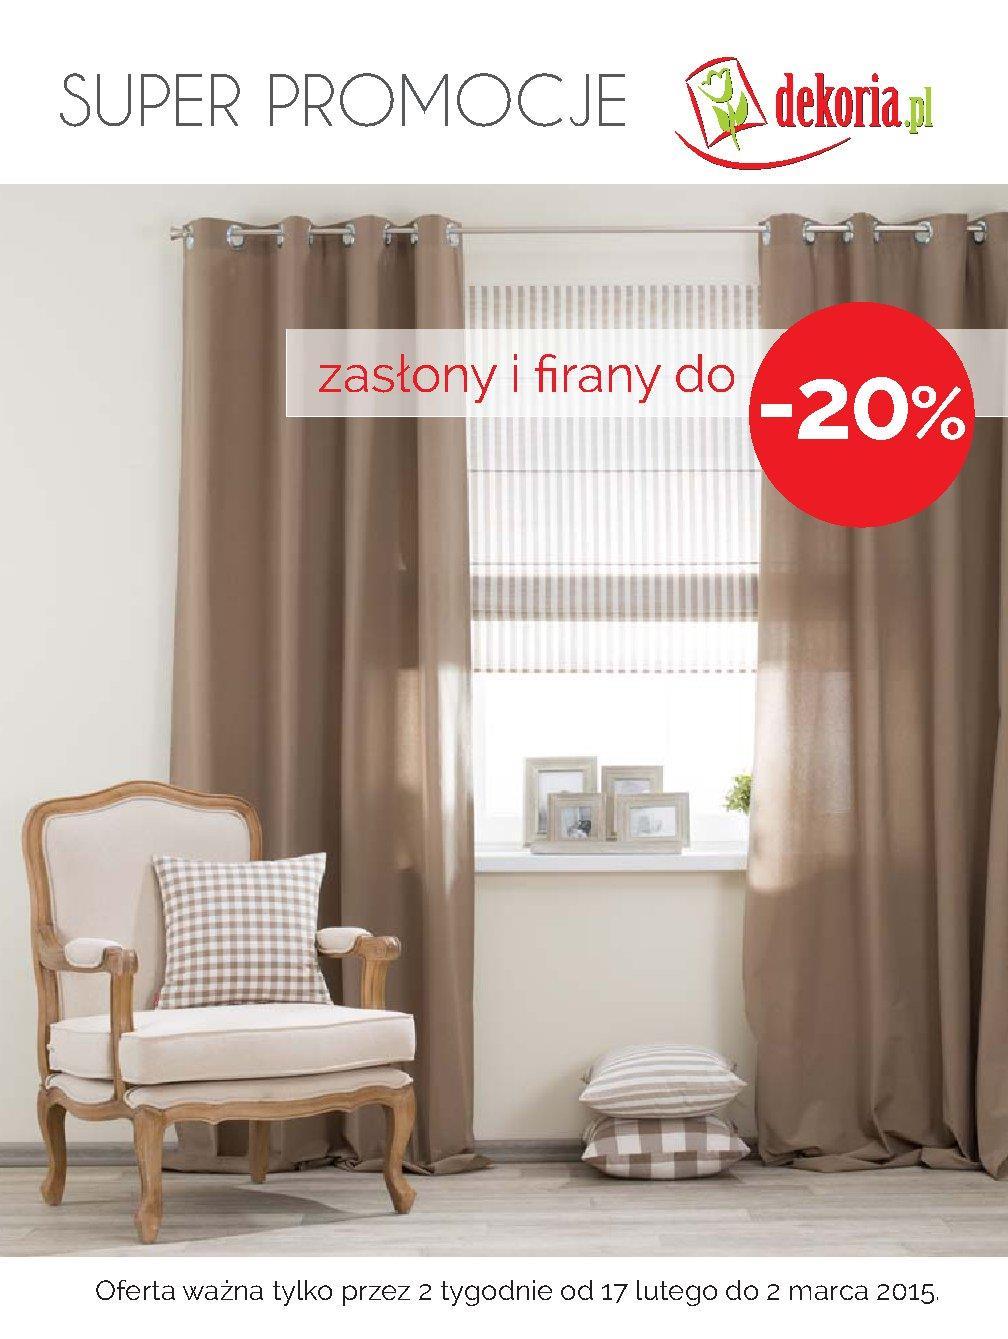 Gazetka Promocyjna Dekoriapl Zasłony I Firany 20 Taniej